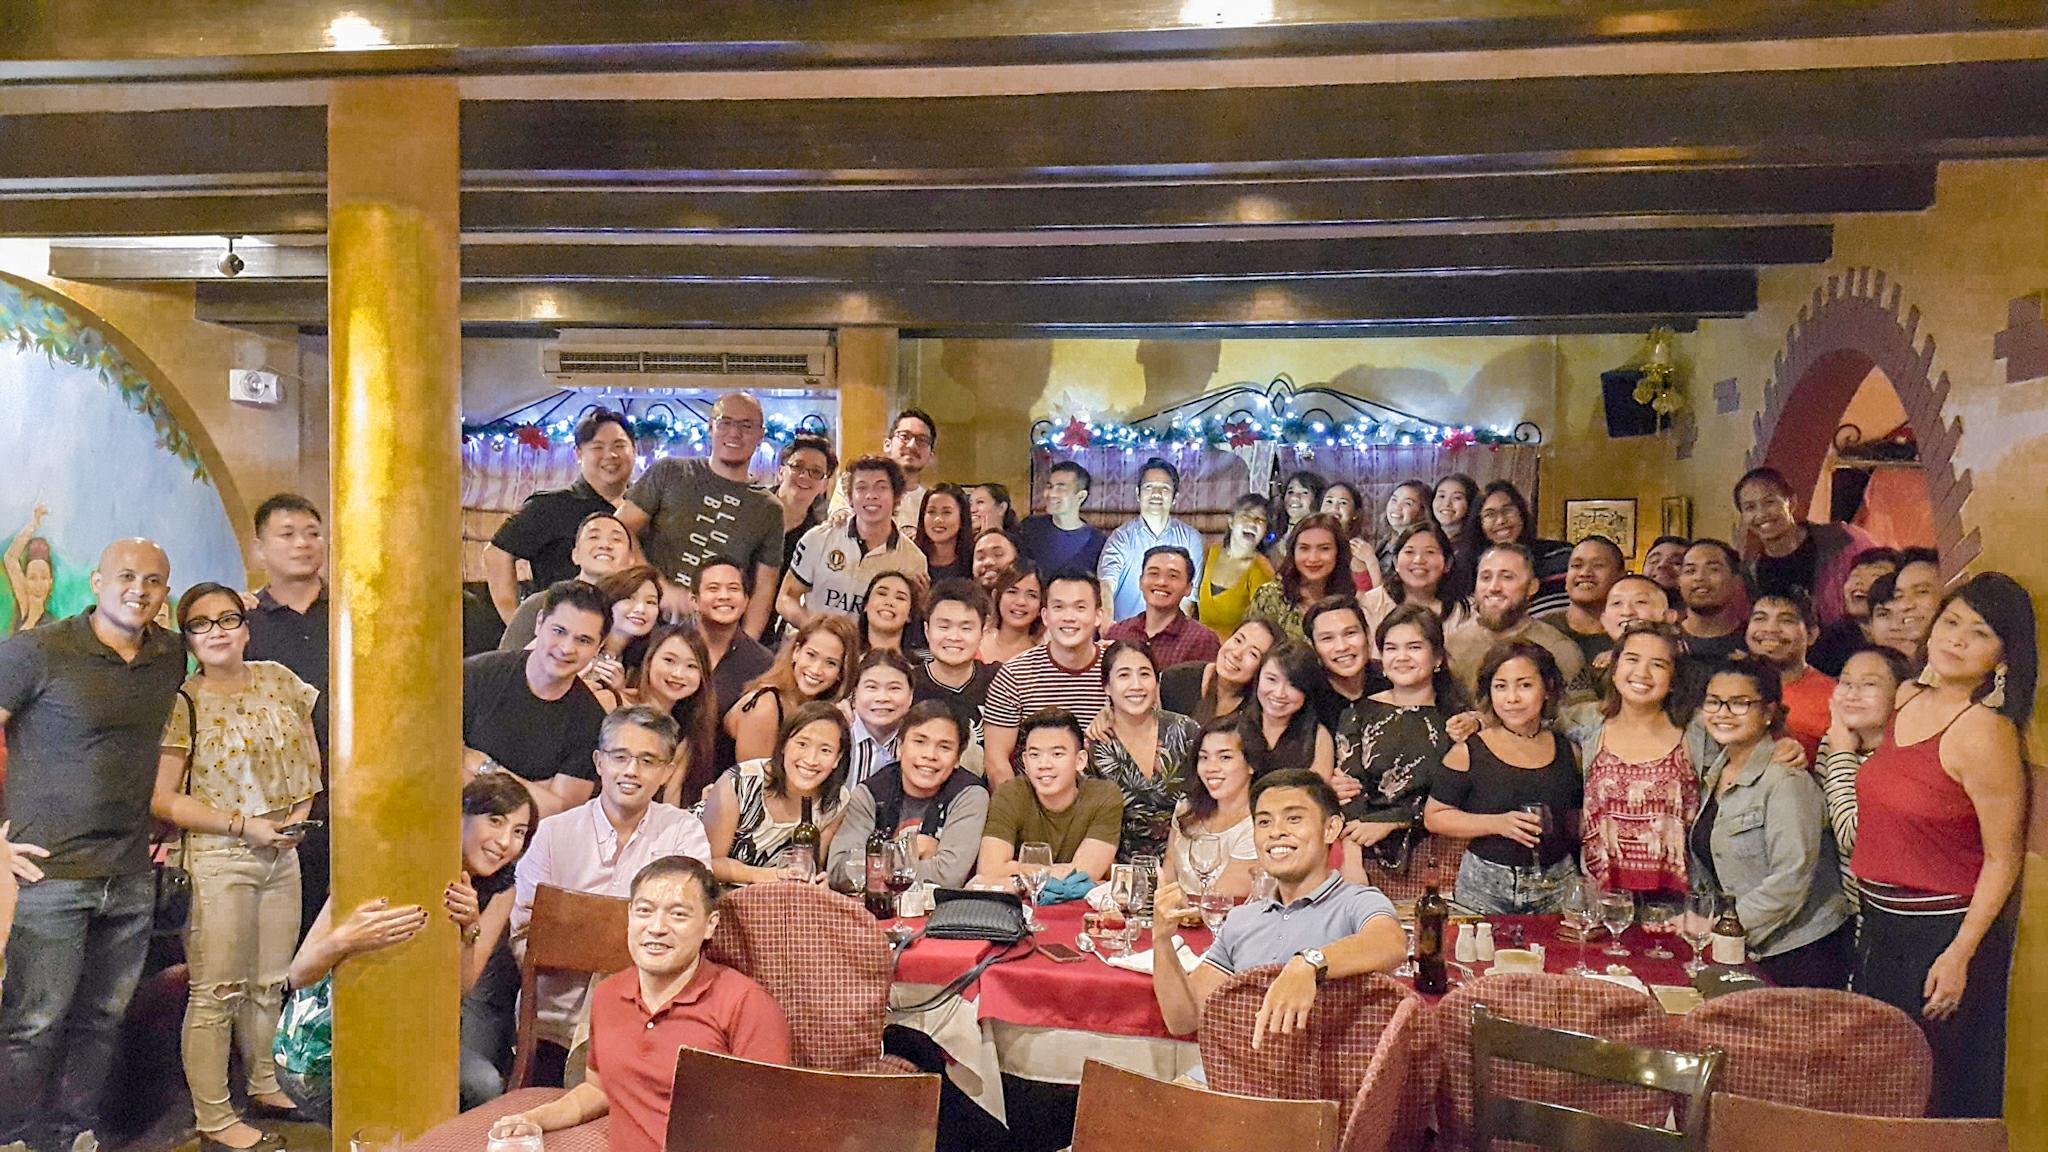 Primal Ape CrossFit community at Alba Restaurante Espanol